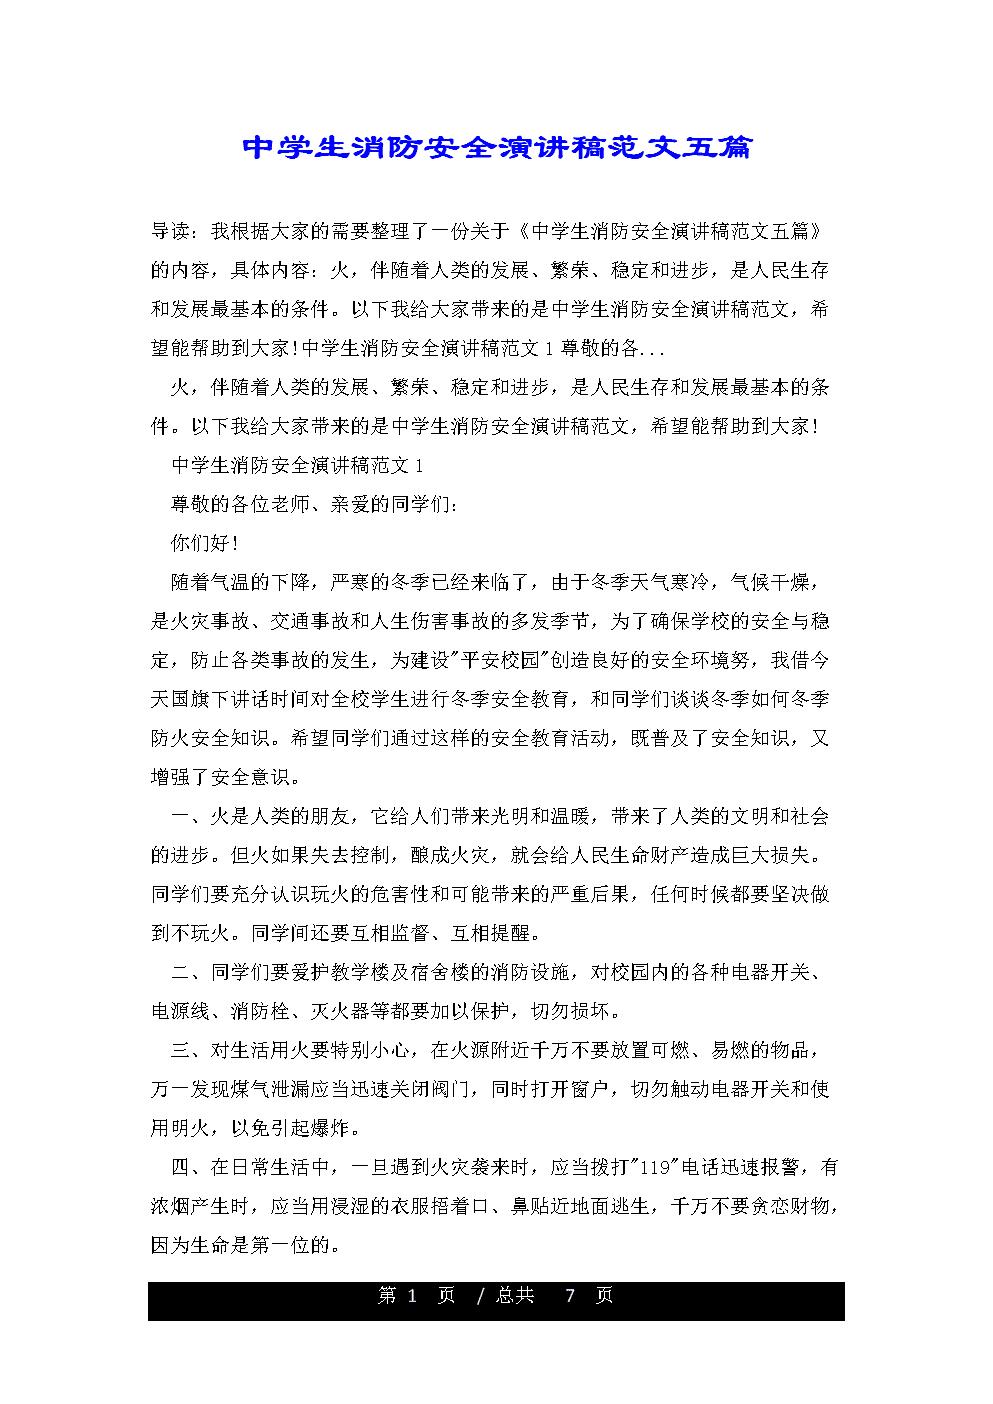 中学生消防安全演讲稿范文五篇.doc